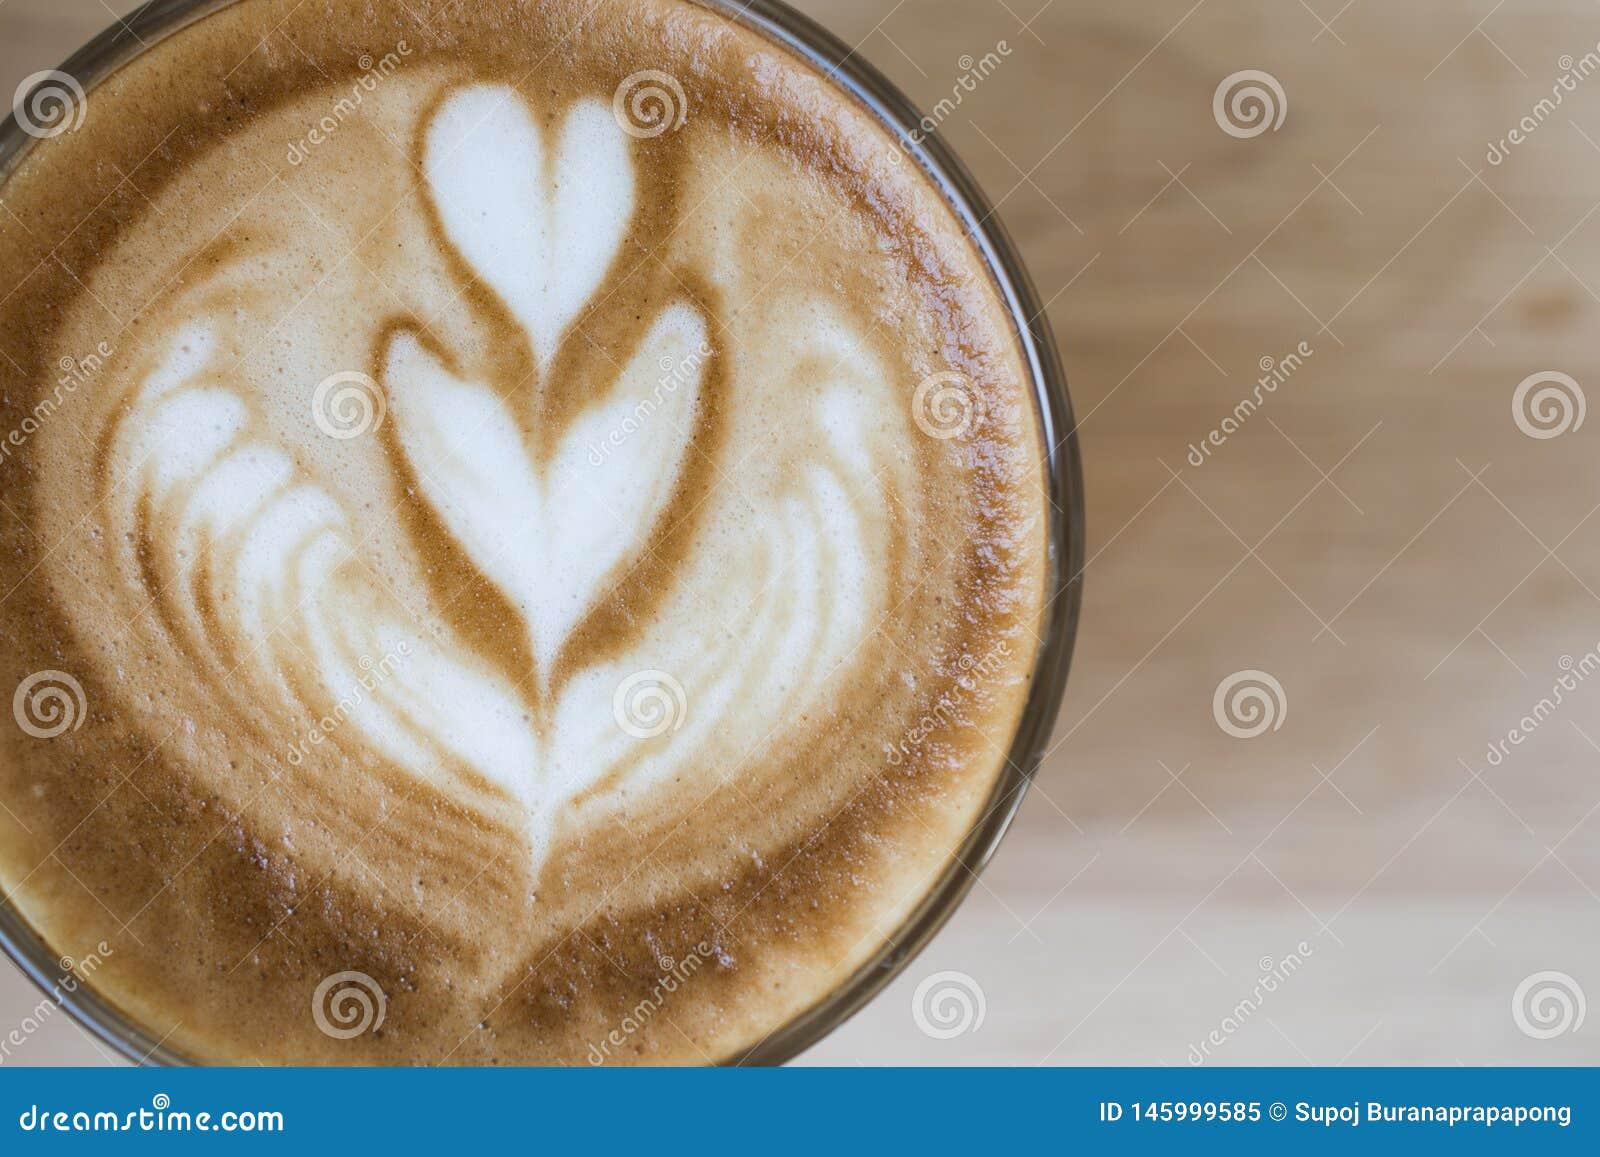 De espresso van de koffie latte kunst in uitstekende de kleurentoon van de koffiewinkel Cappuccino met de mooie kop van de schuim